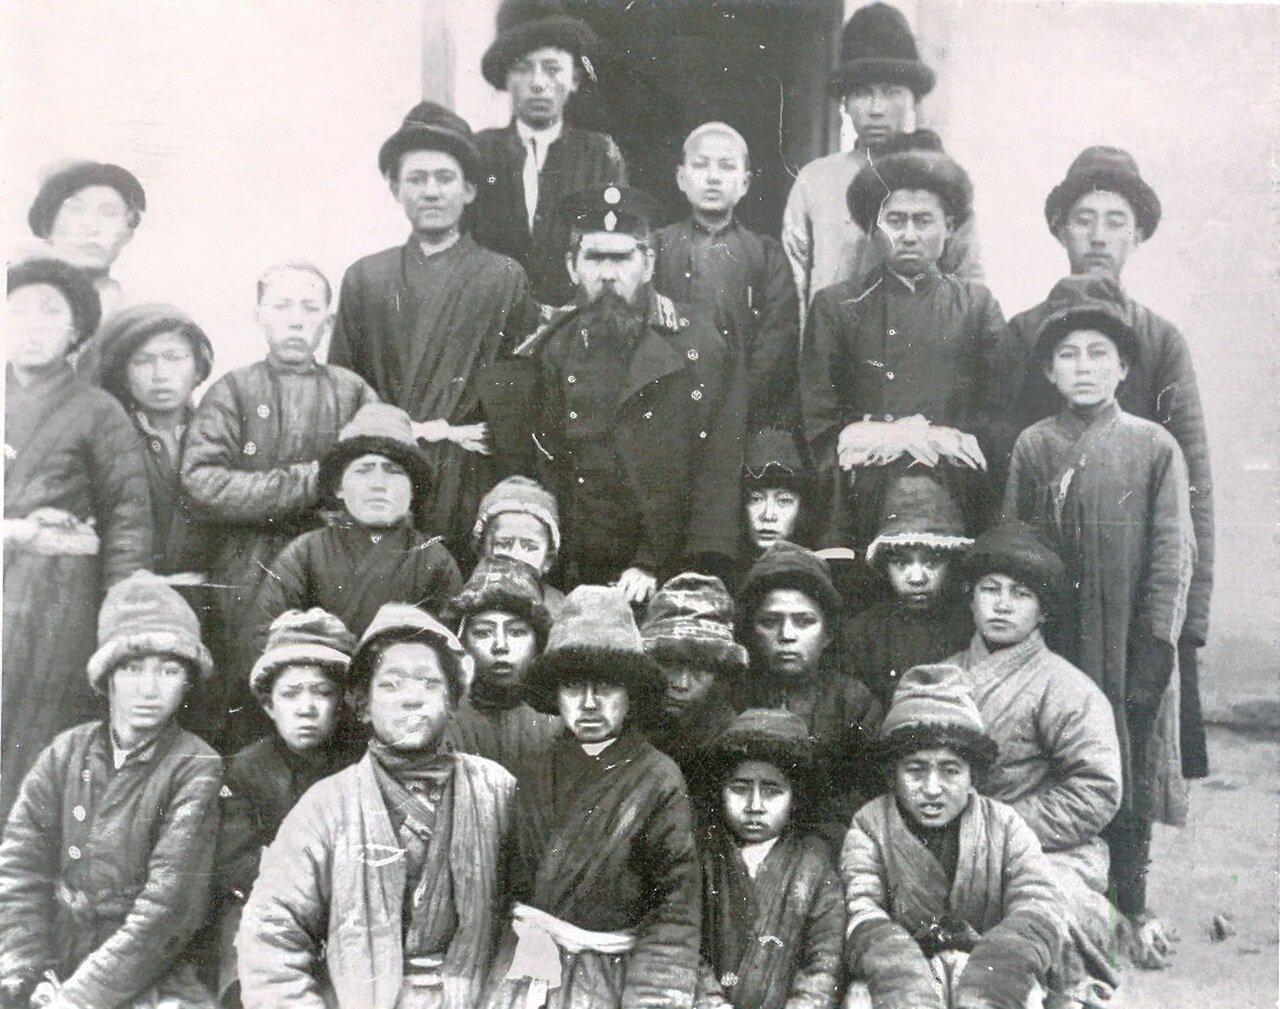 Группа учащихся русско-туземной школы с учителем Колчиным. Семиреченская область.Пржевальск. 1911.